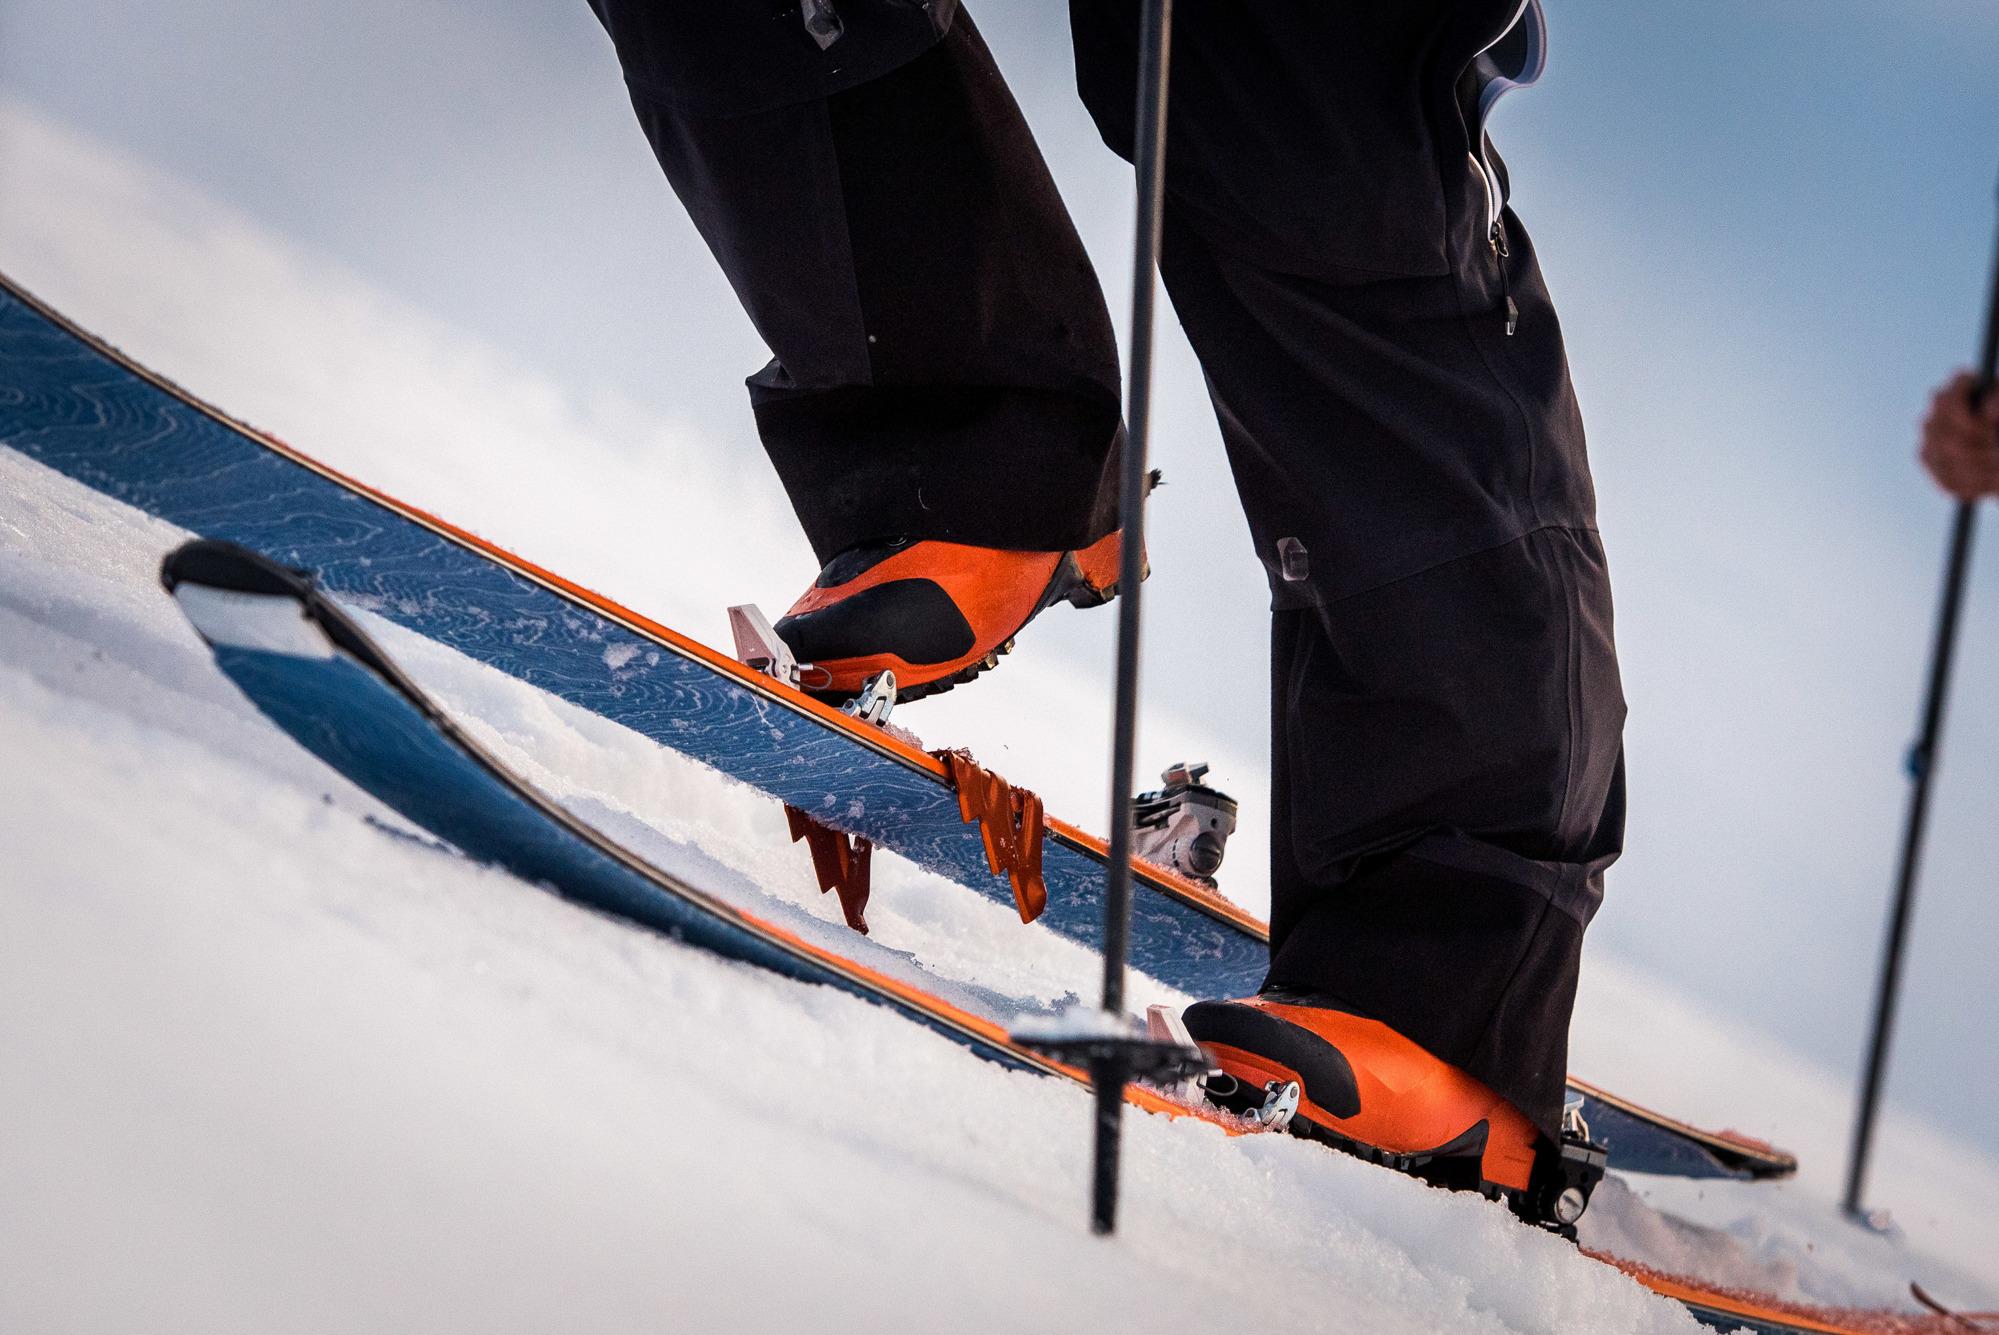 ski mountaineering backcountry skiing